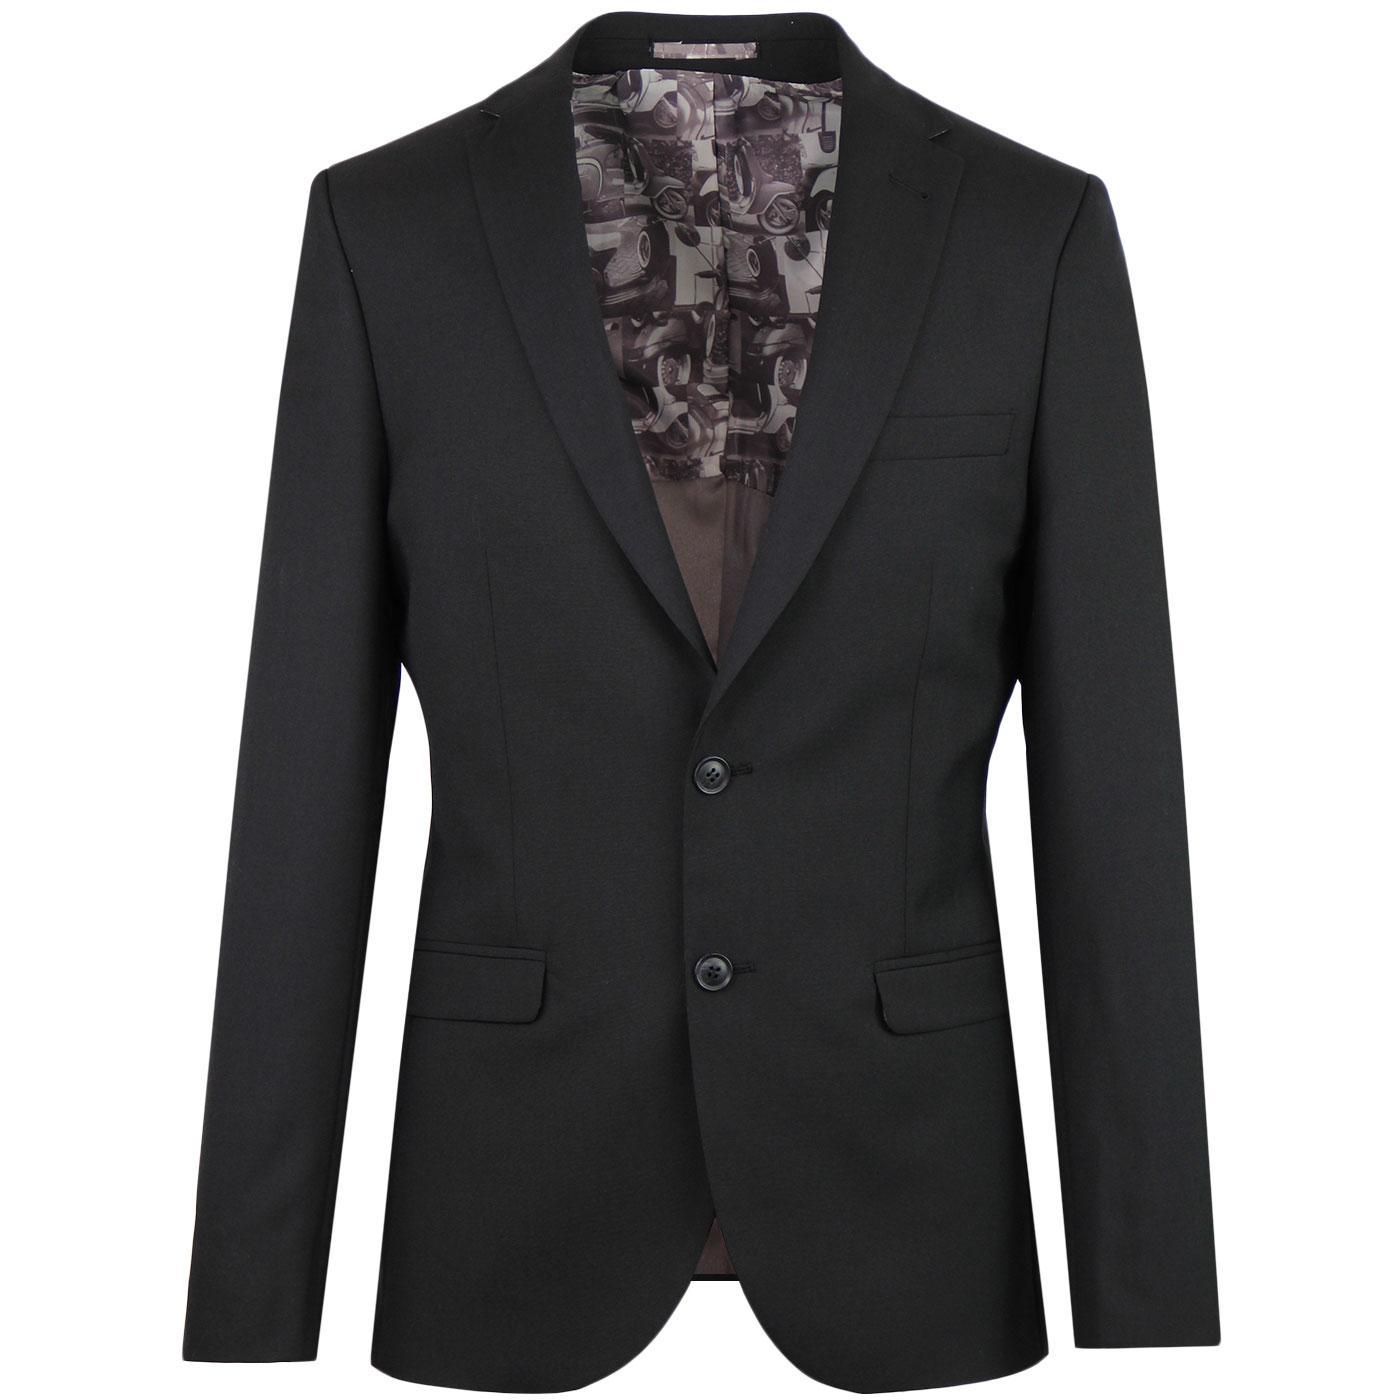 BEN SHERMAN Tailoring Mod Tonic Suit Jacket BLACK